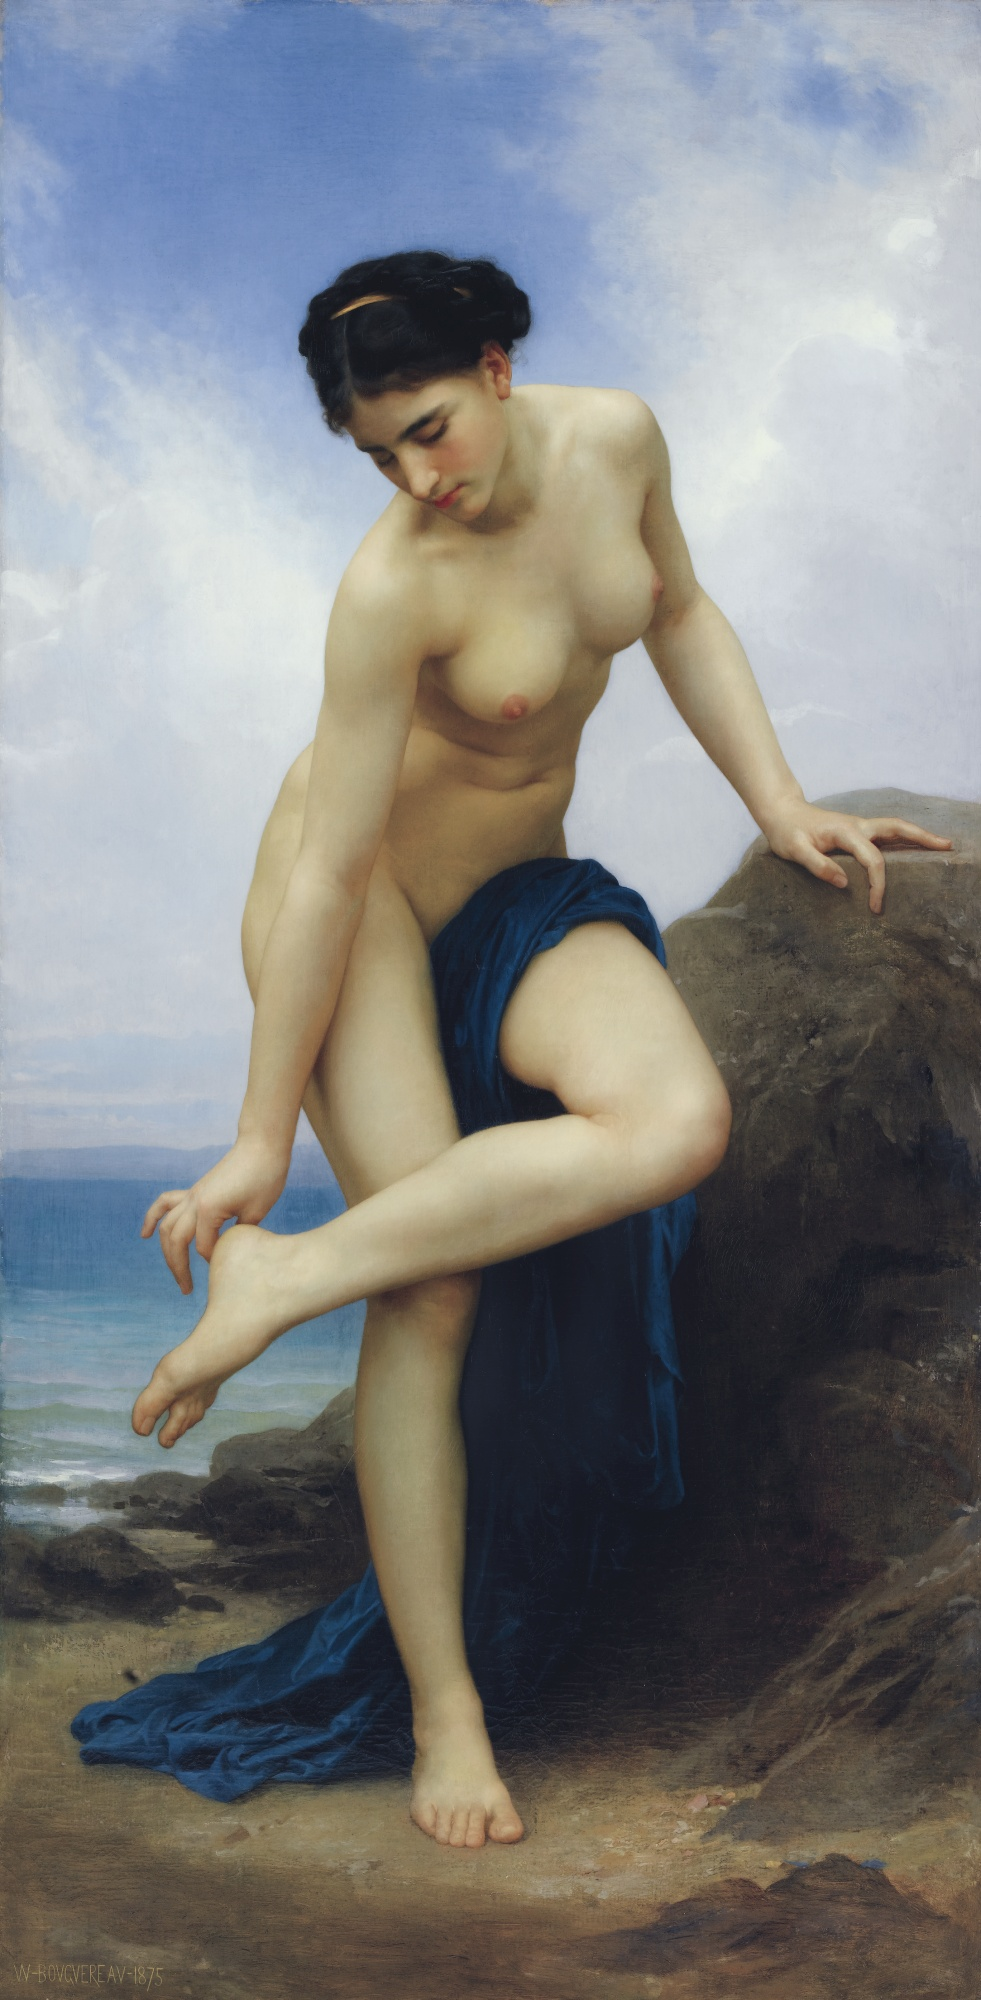 Nude catholic art hentia films